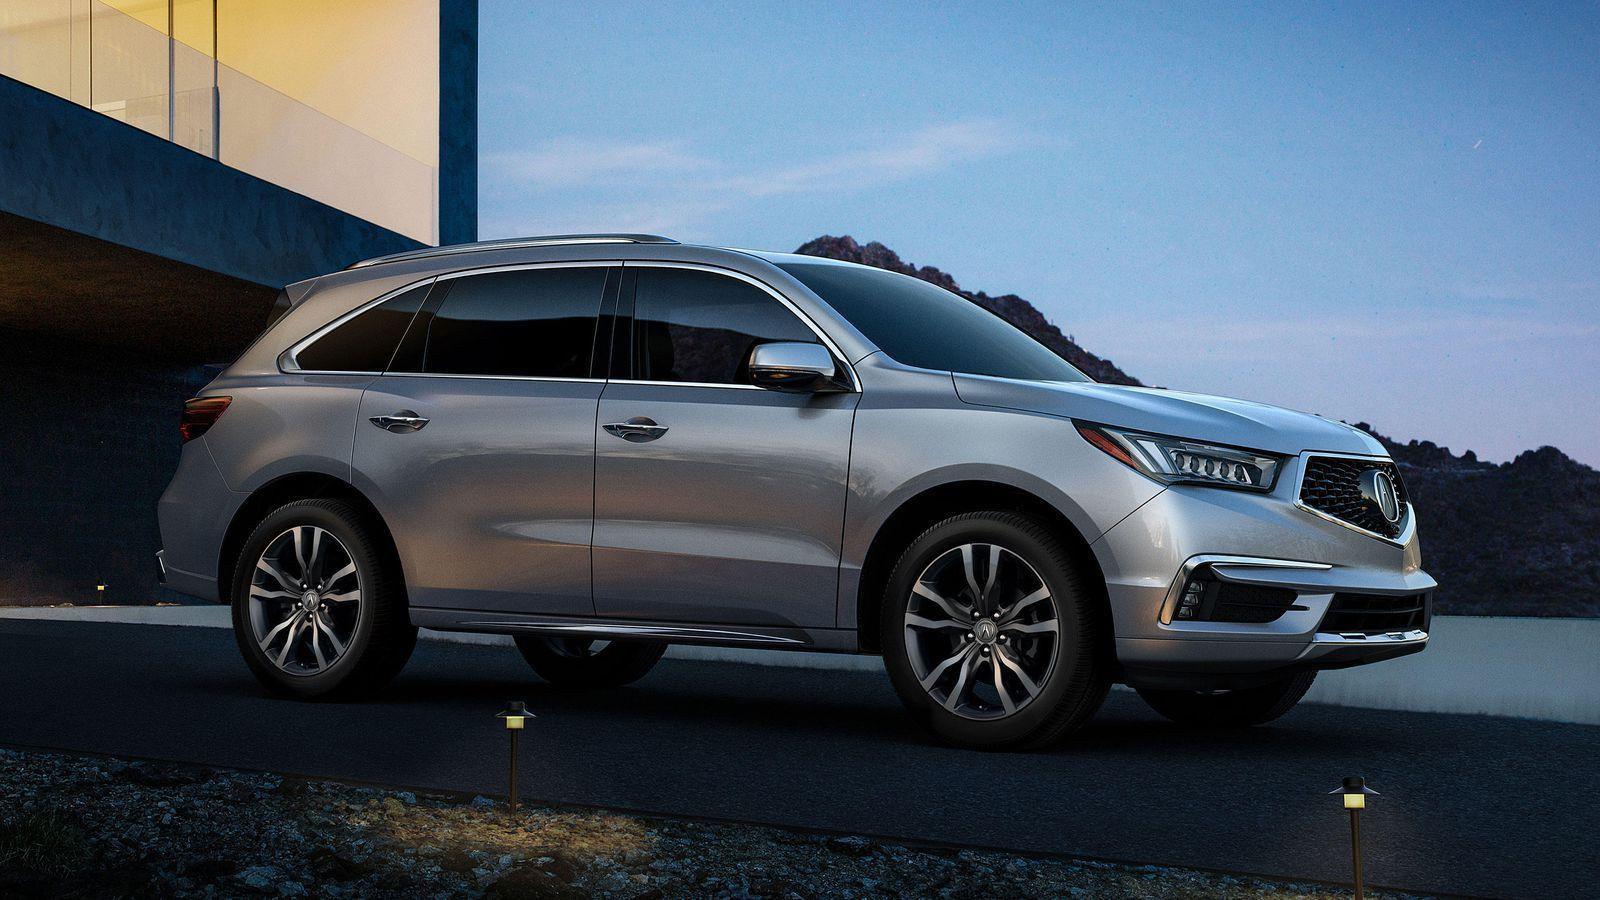 2020 Acura Mdx Rumors Spied Next Gen Acura Mdx Luxury Suv Caught